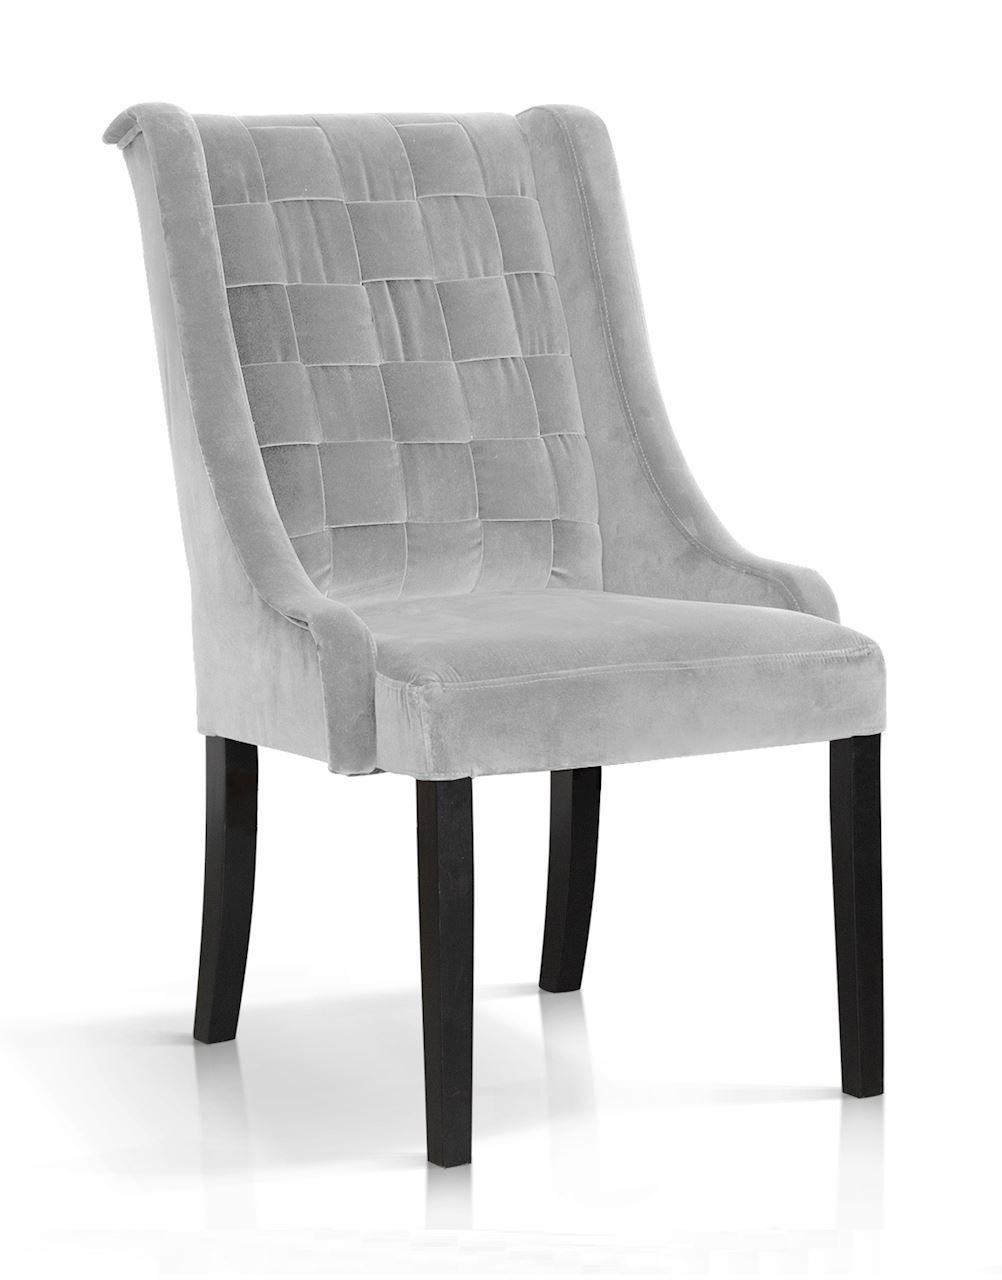 Scaun tapitat cu stofa, cu picioare din lemn Prince Velvet Argintiu / Negru, l55xA70xH105 cm imagine